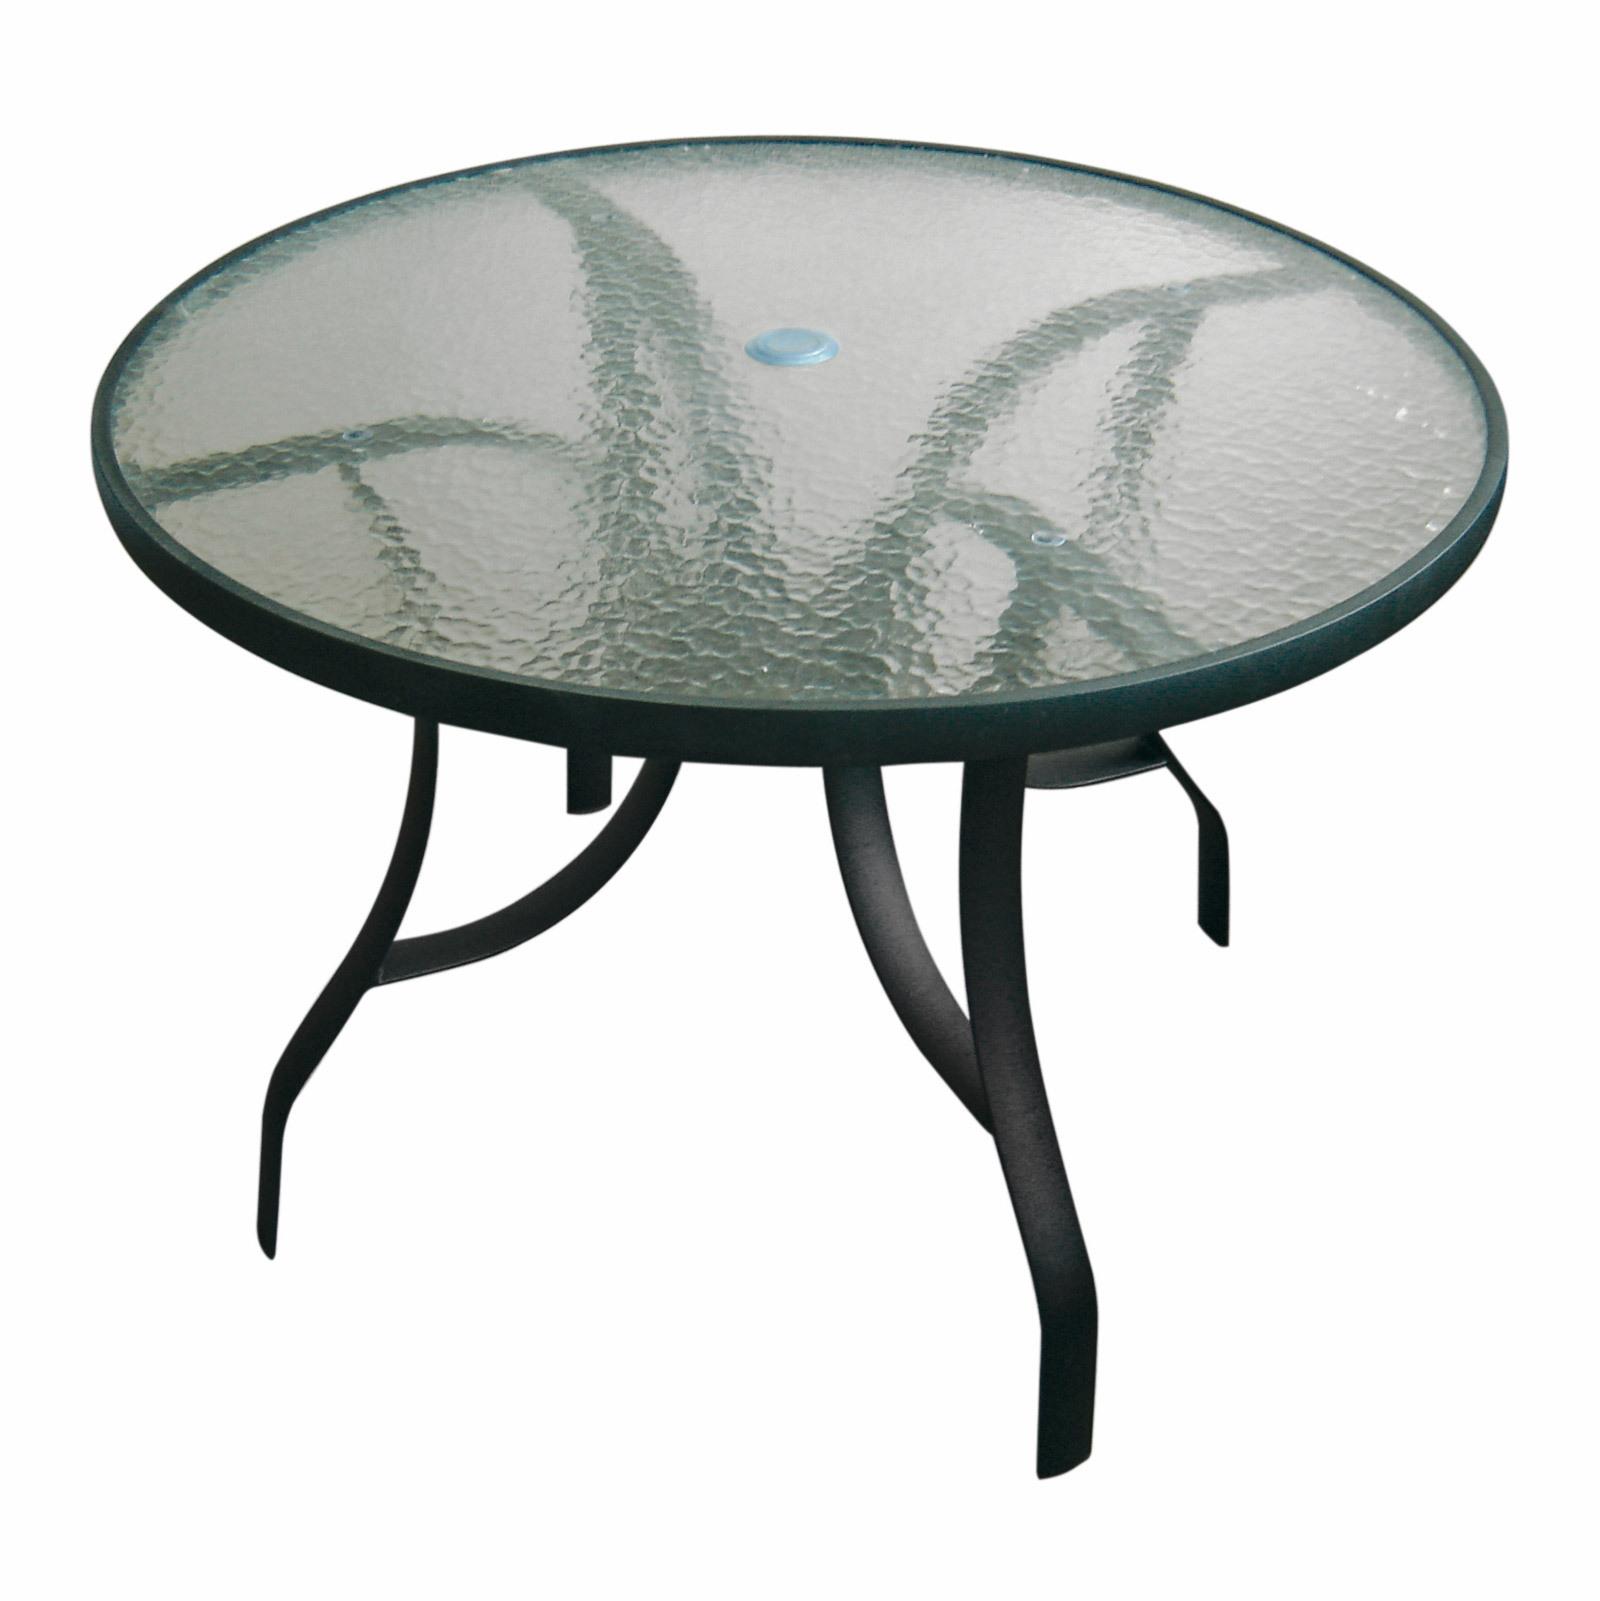 gartenm bel aluminiumtisch gartentisch glastisch tisch glasplatte rund 100cm ebay. Black Bedroom Furniture Sets. Home Design Ideas